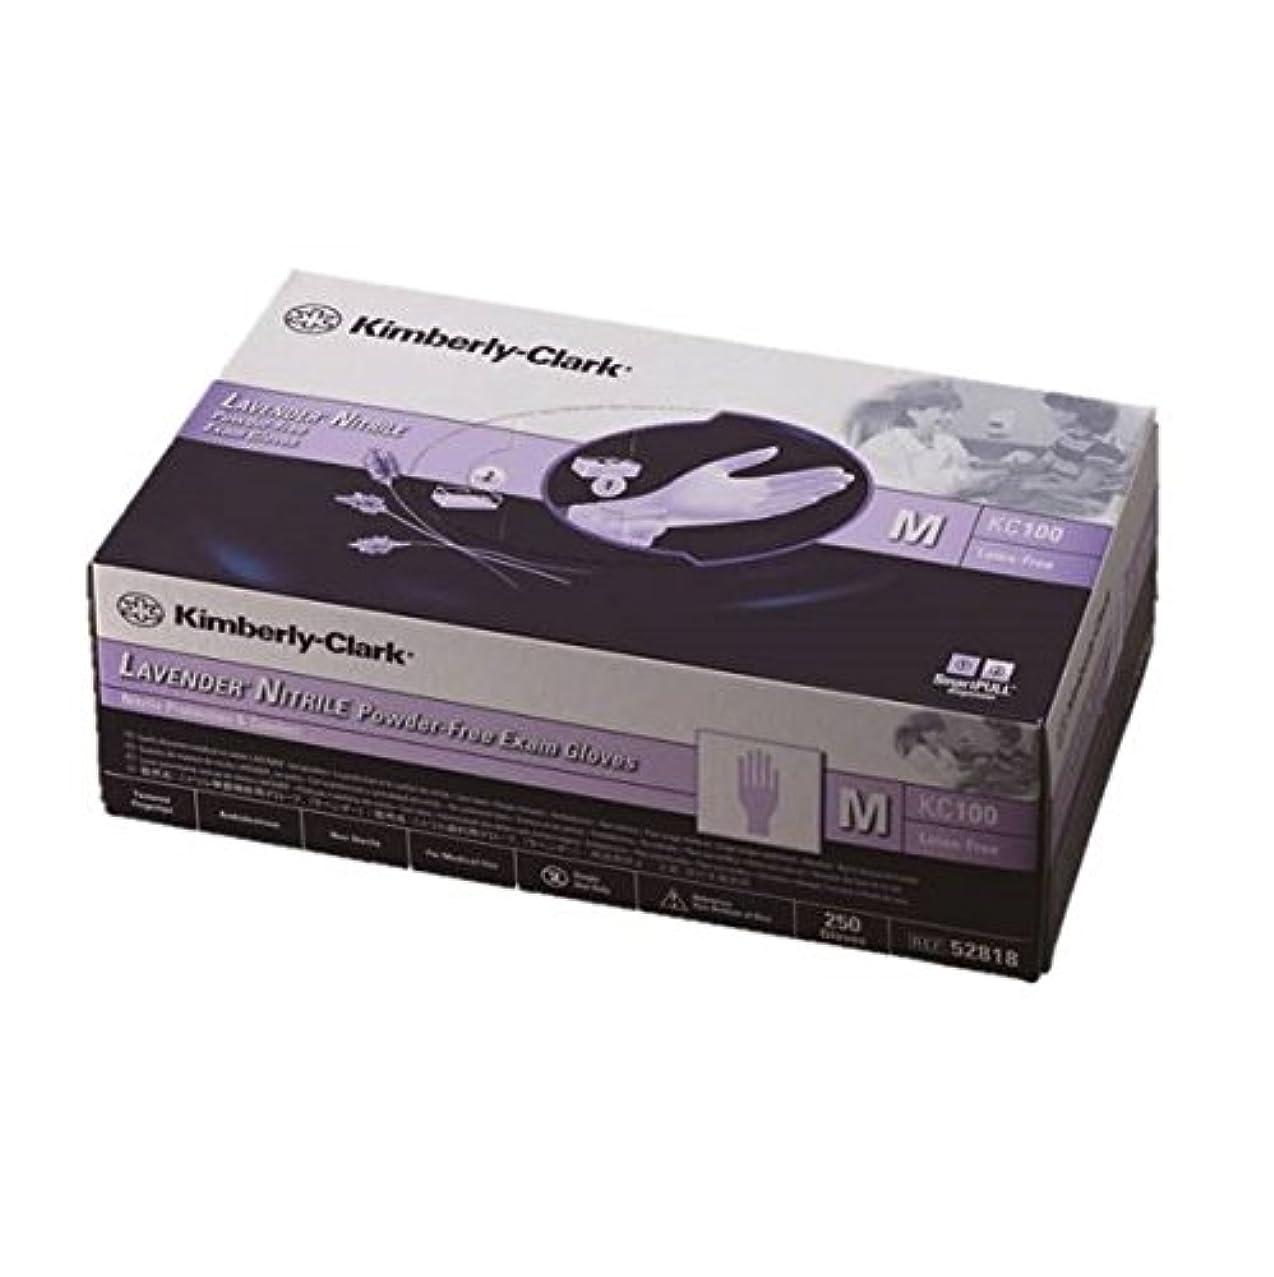 定刻プラットフォームプールラベンダー ニトリル グローブ 10 箱